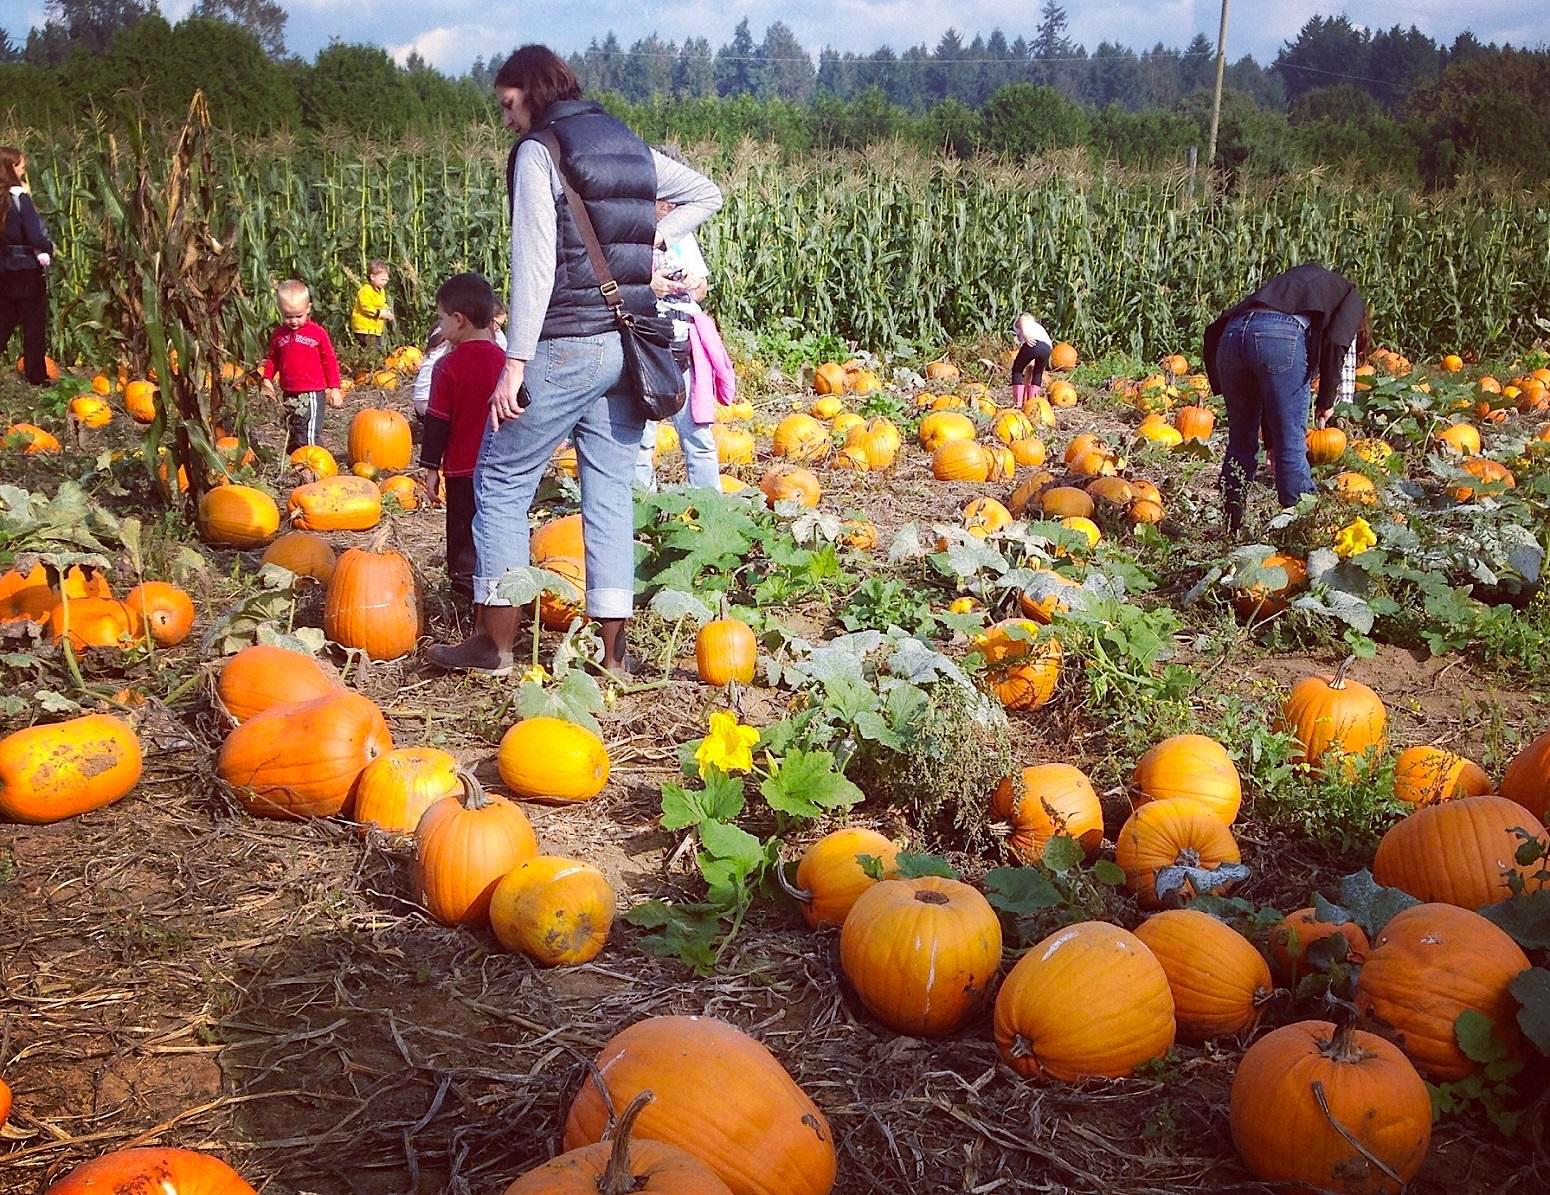 Harvest Festival in VT